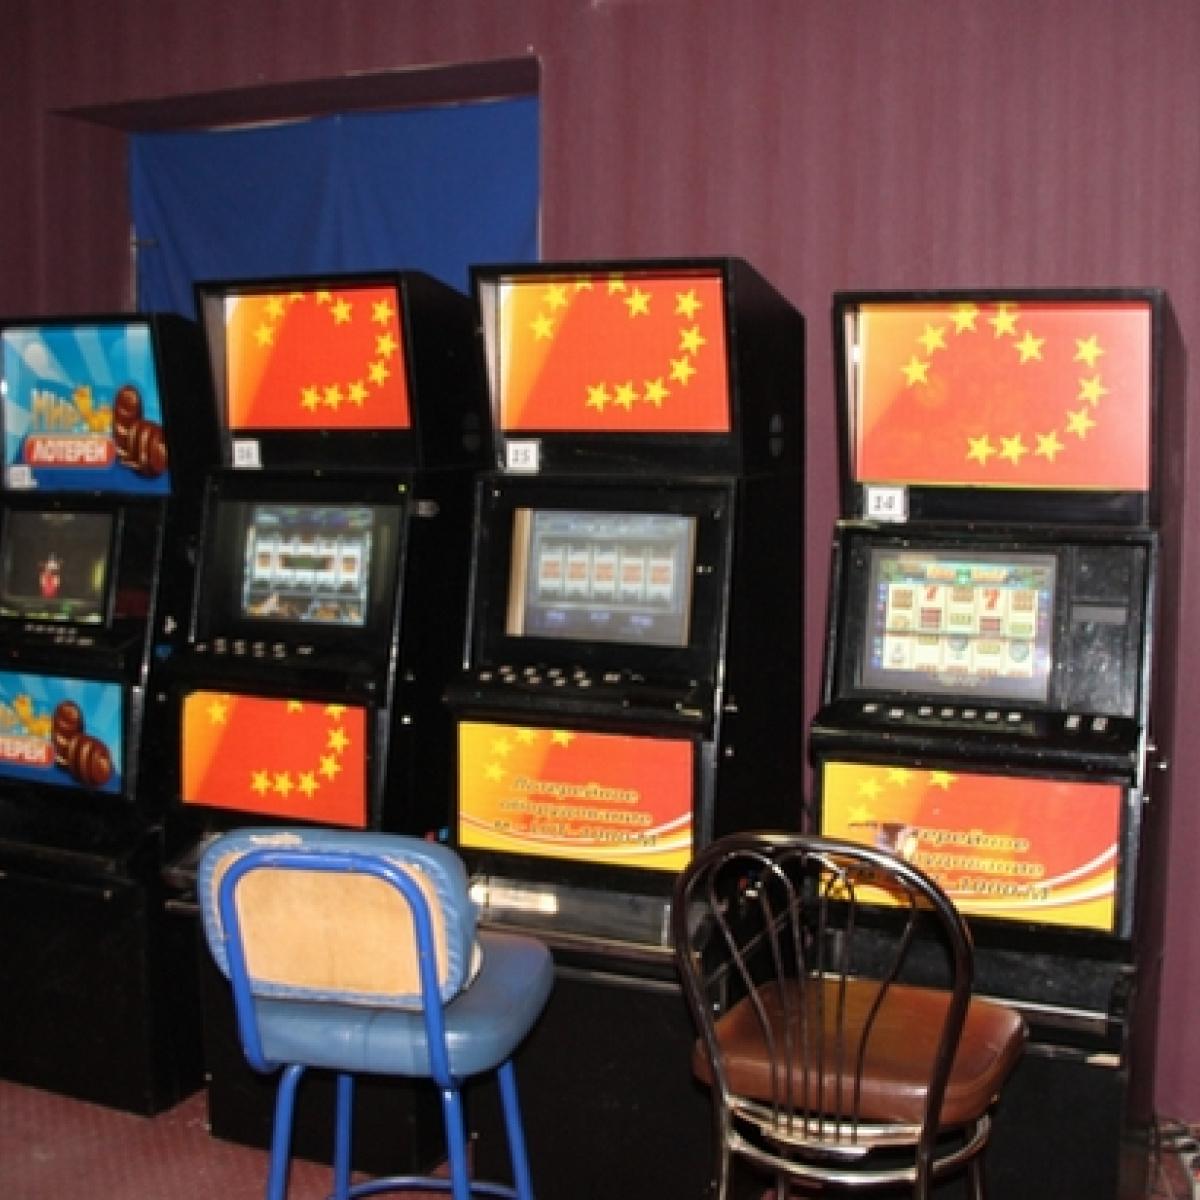 автоматы 2011 в закрыли в феврале воронеже почему игровые